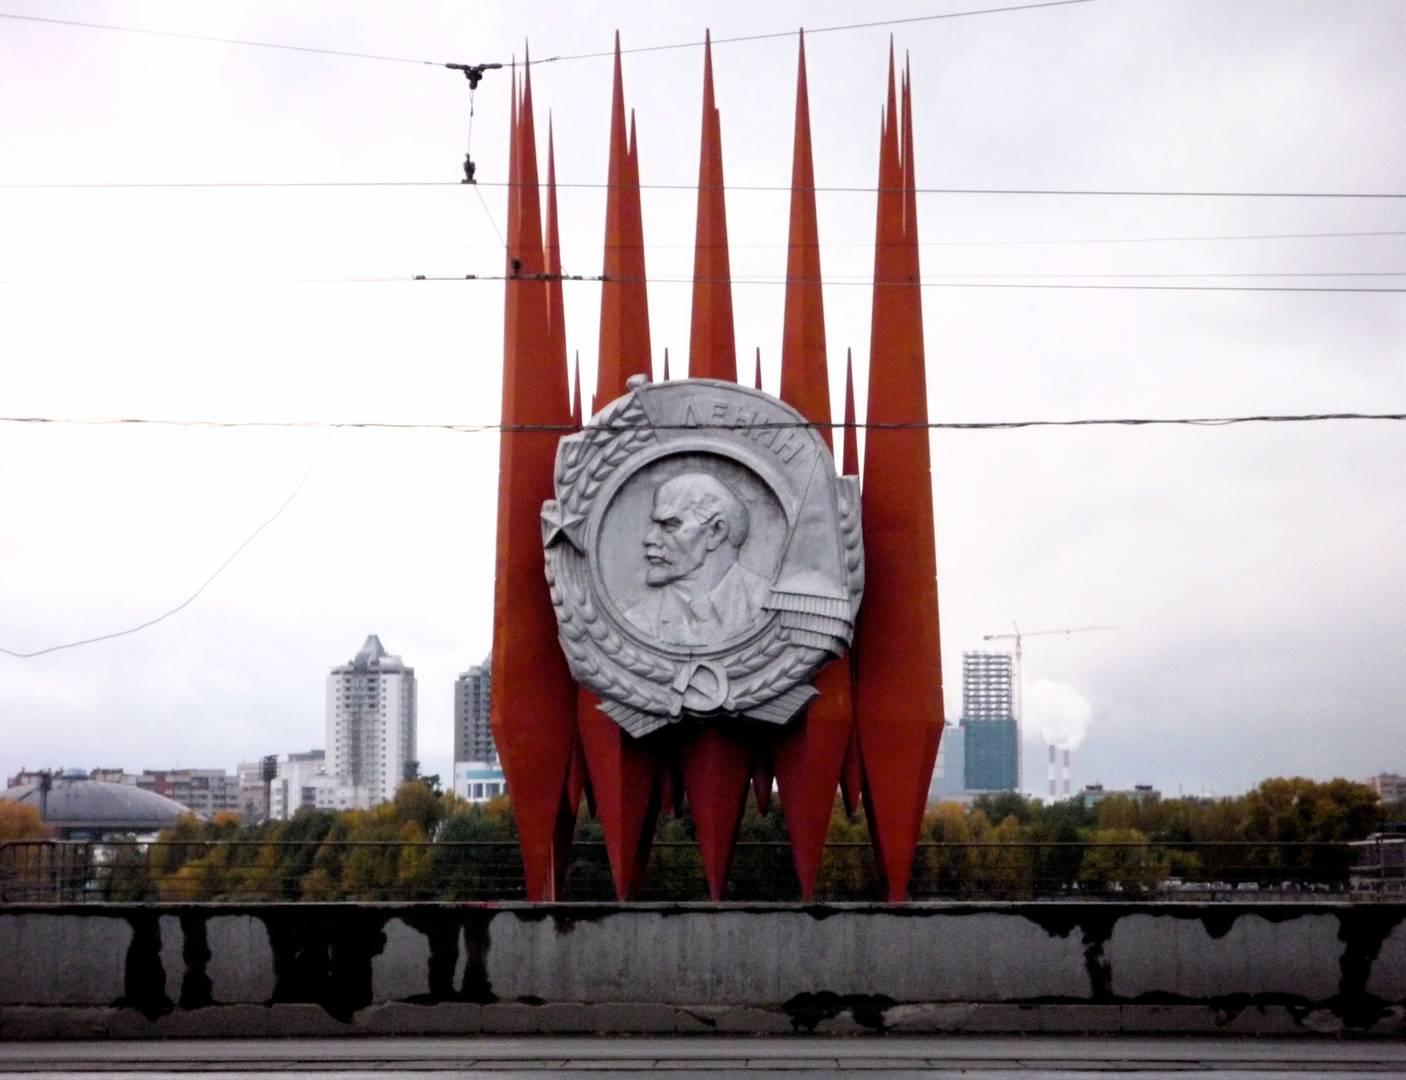 20200312_08-24-Мэр Екатеринбурга- Краснознаменную группу могут дополнить новым знаком-pic2